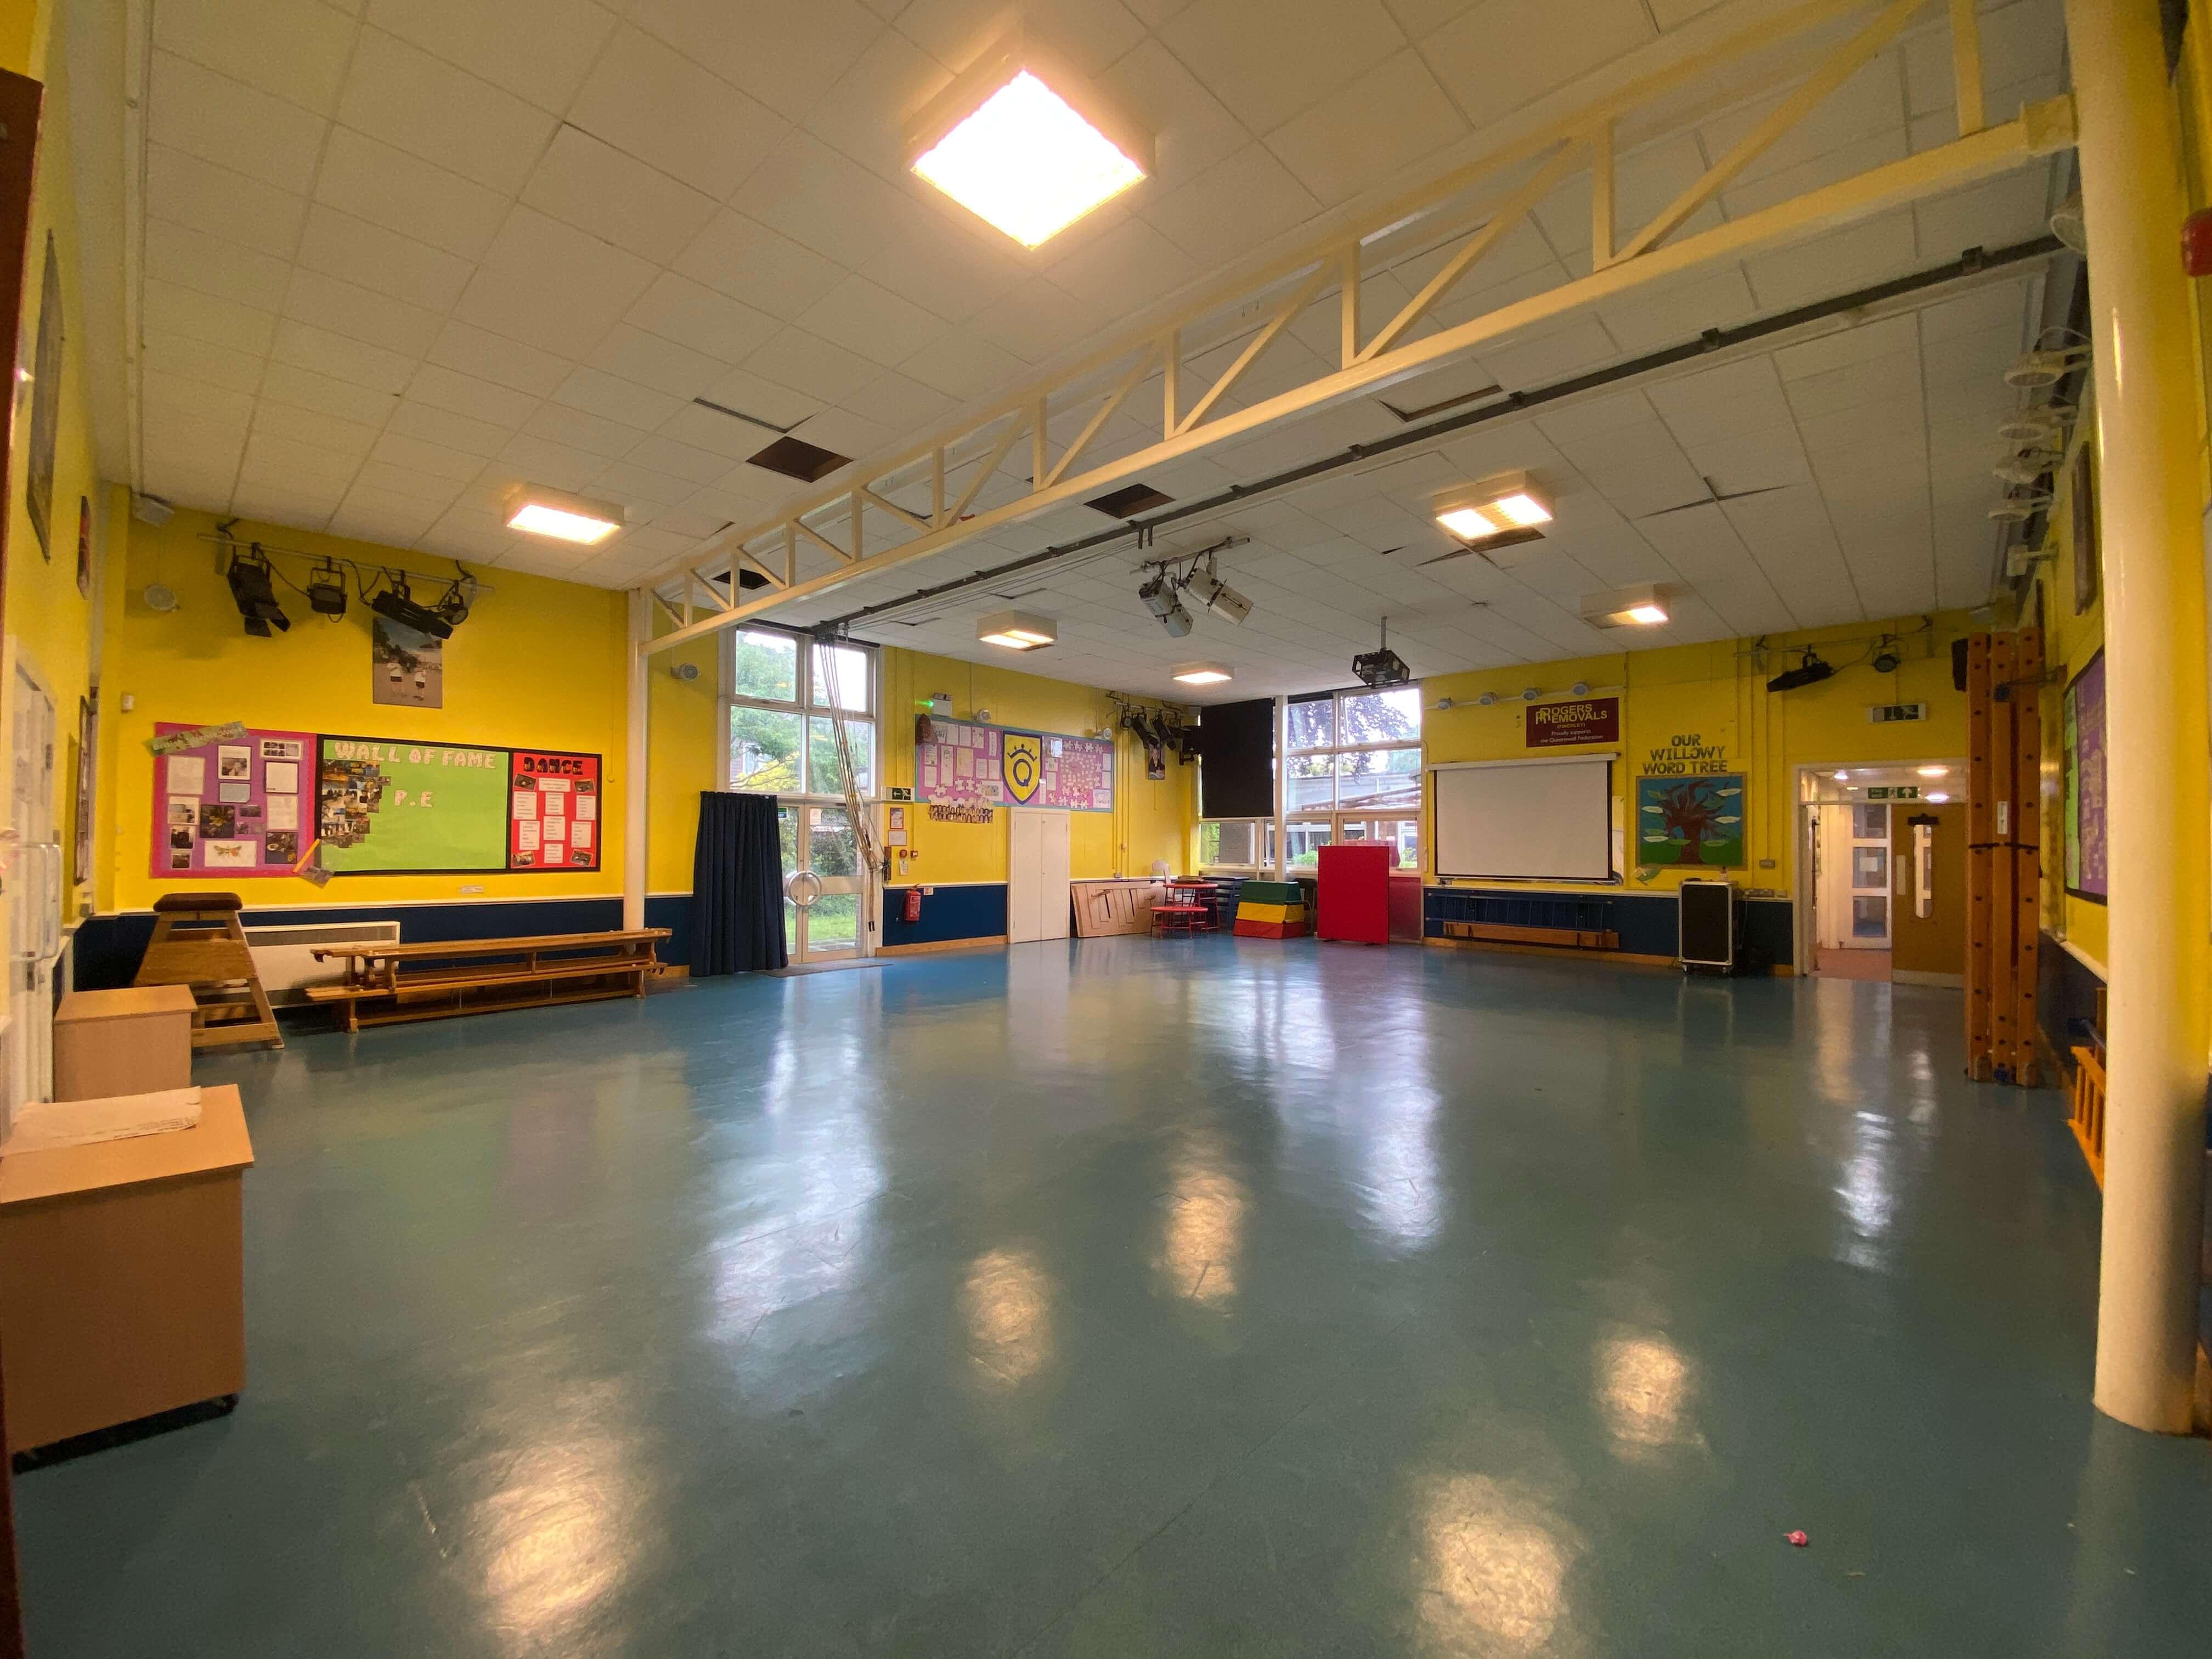 Queenswell Junior School Main Hall